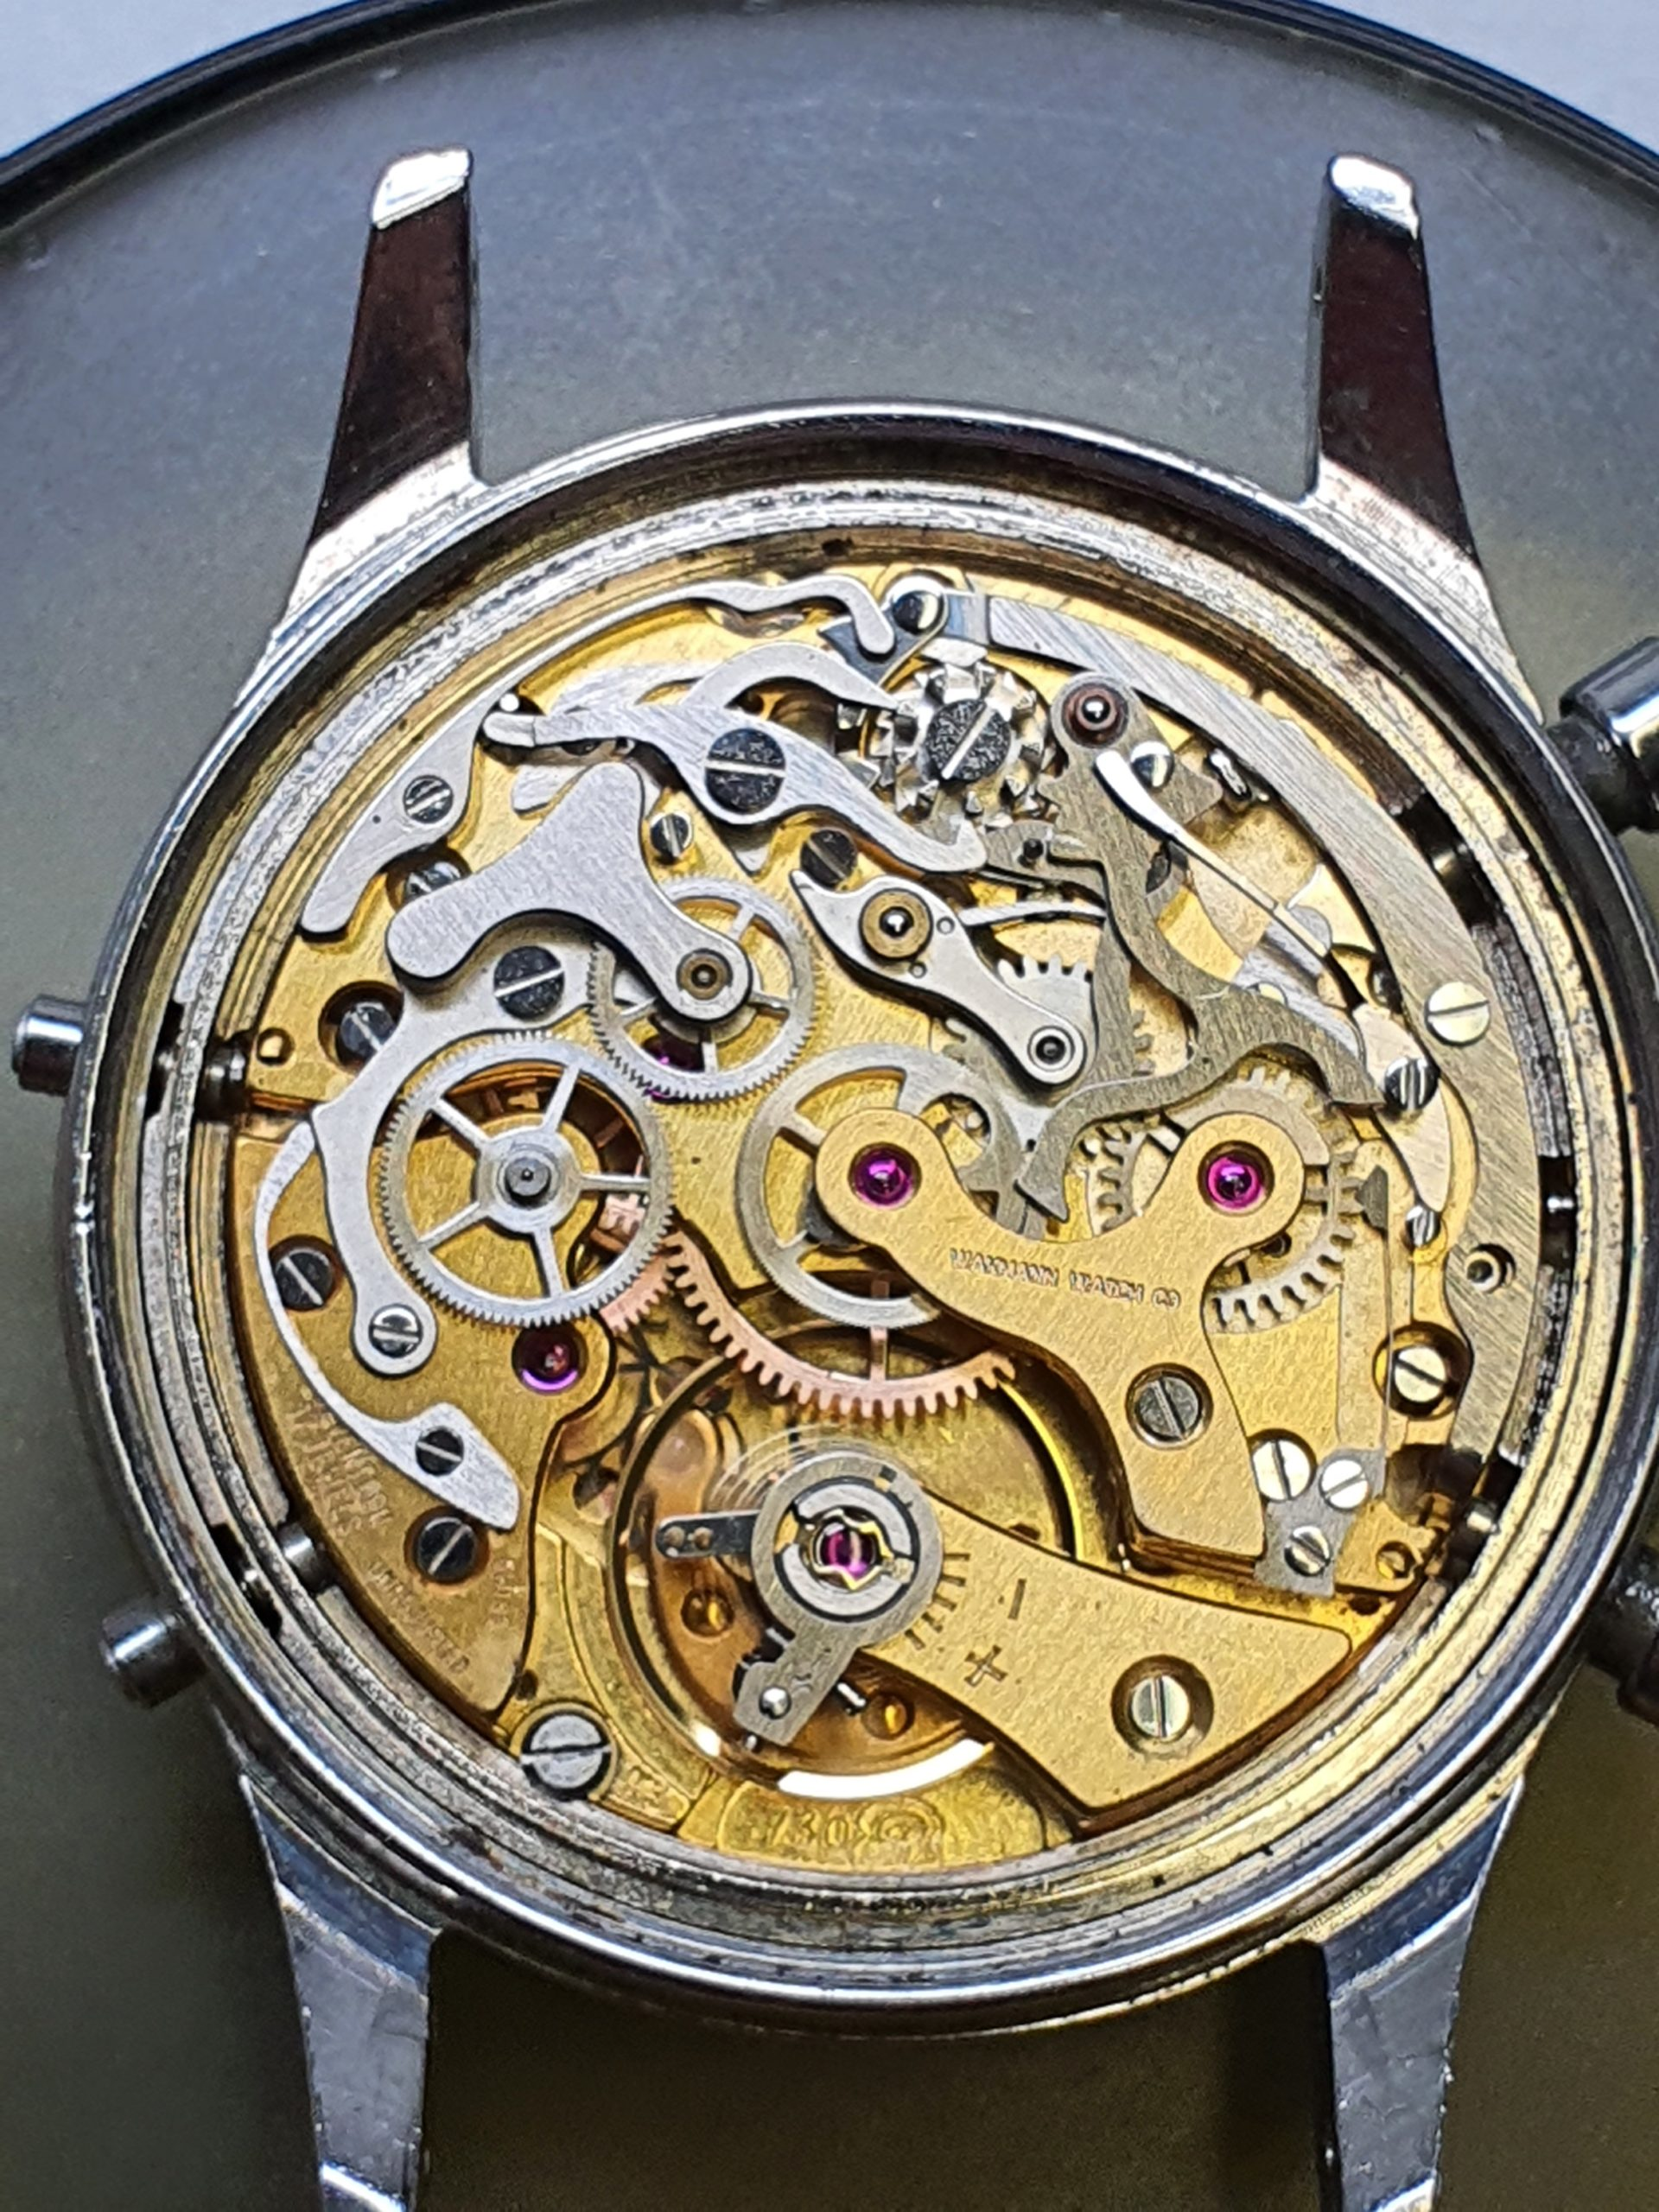 Kuva huolletusta omega kellosta